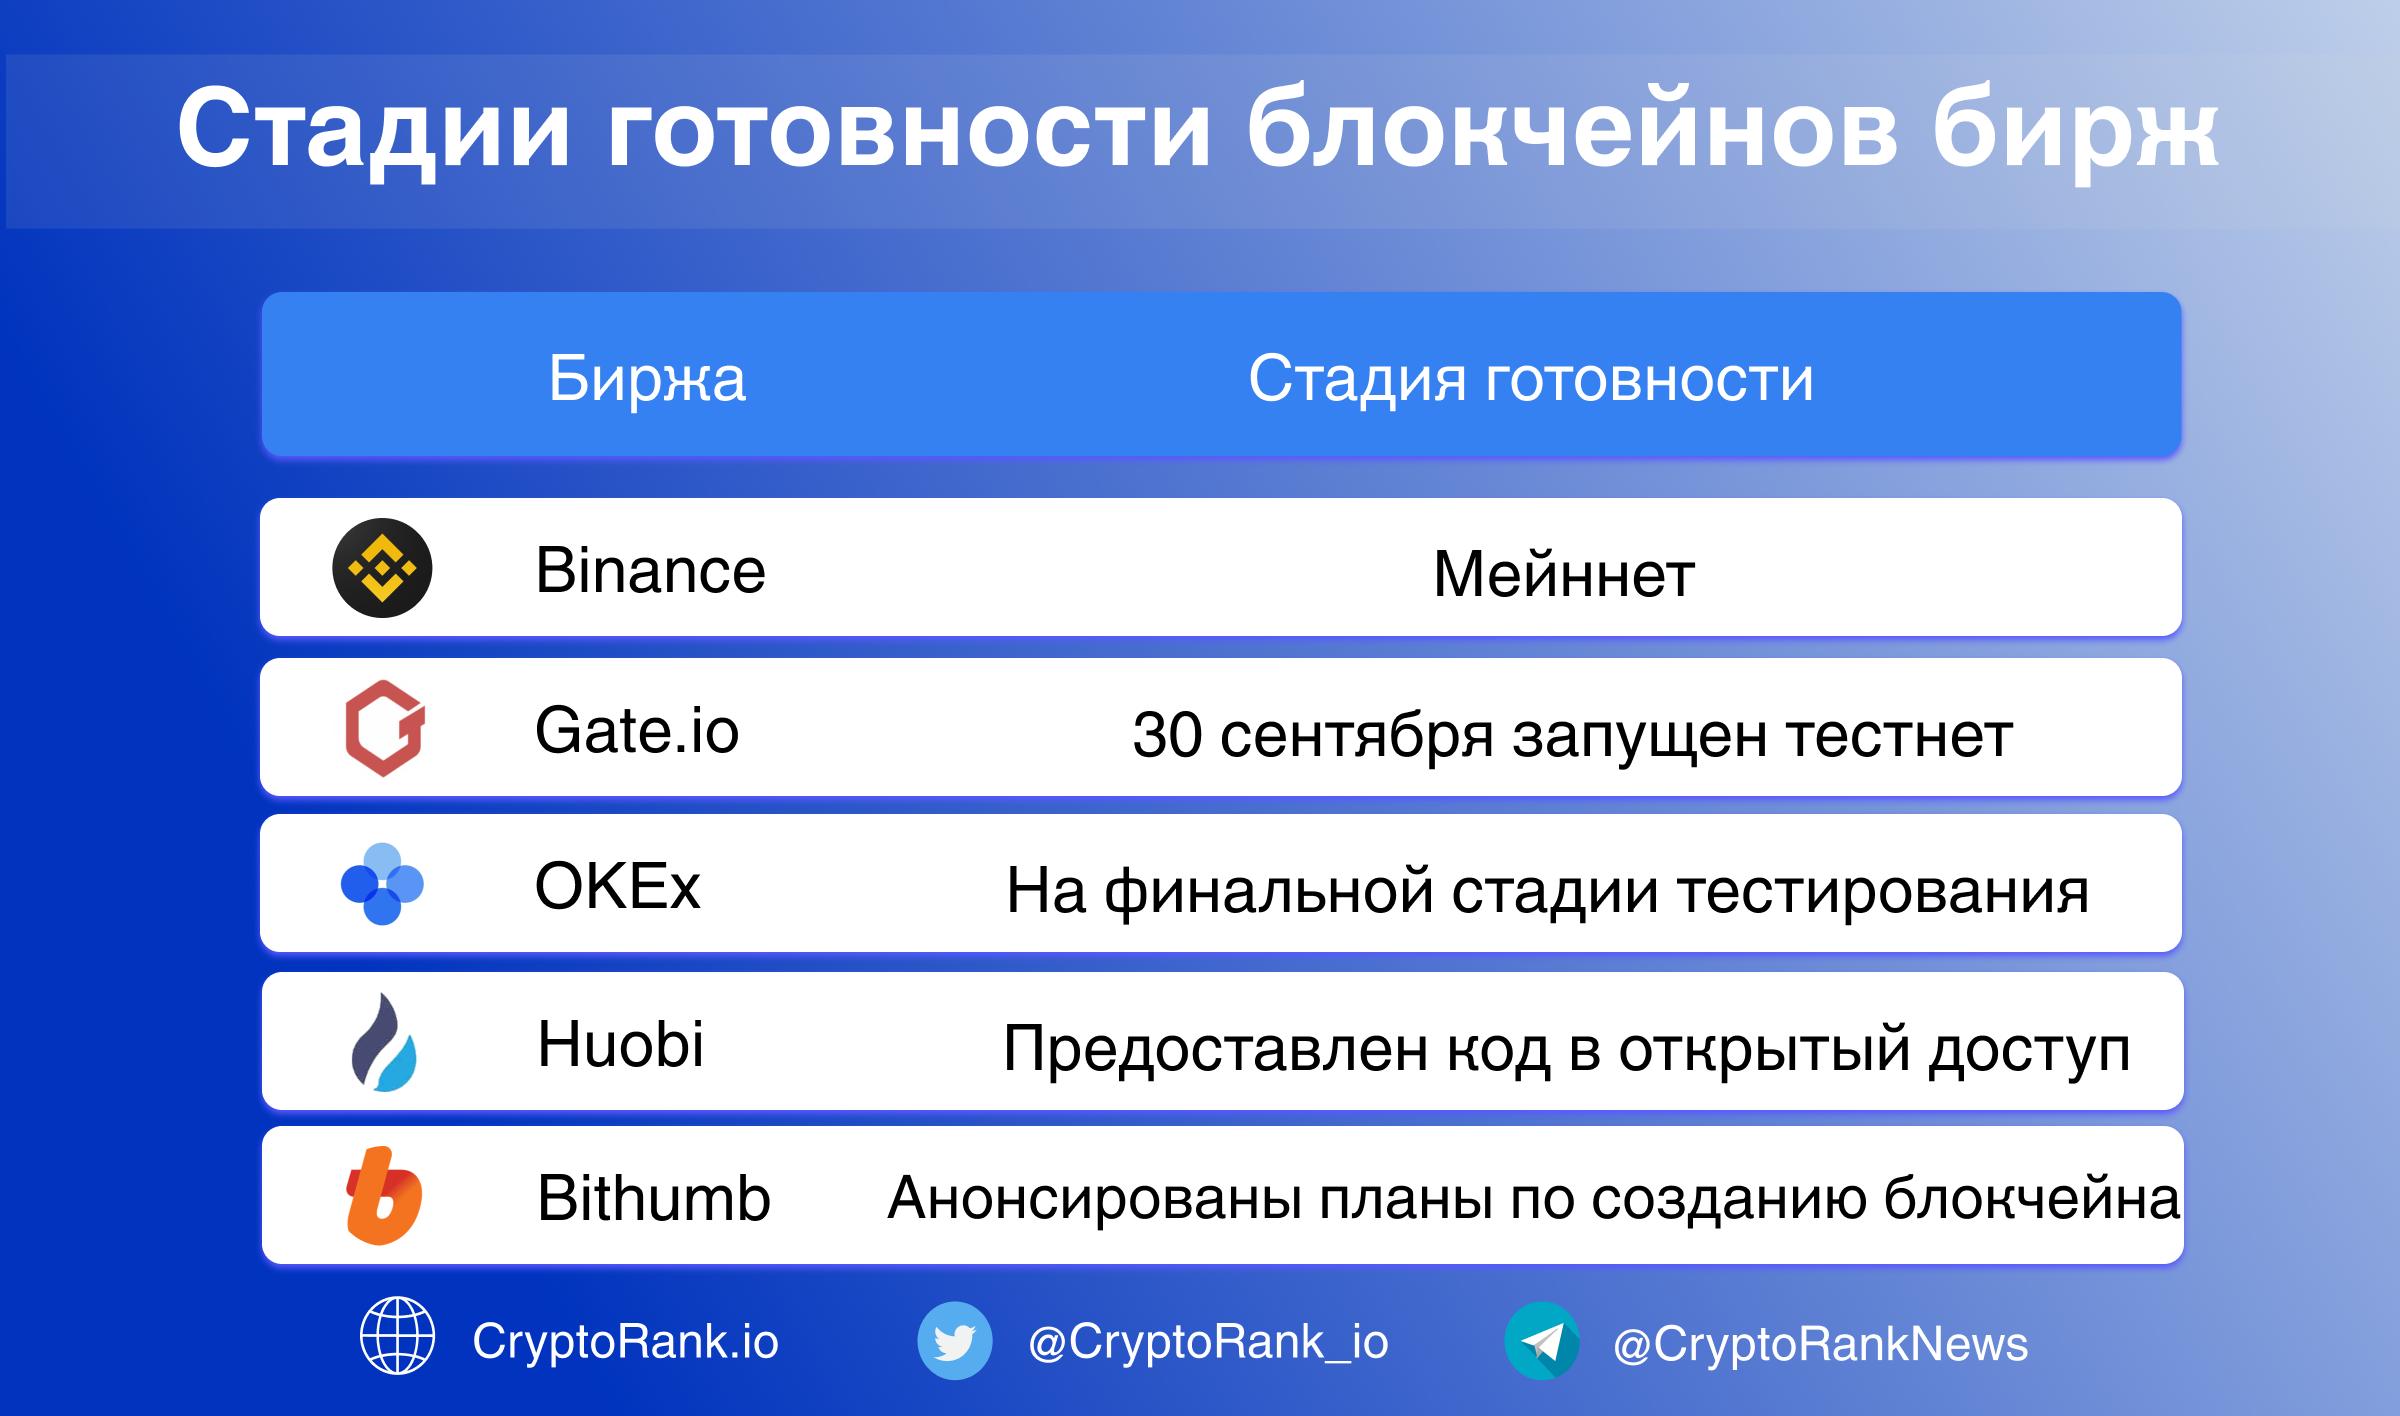 [recovery mode] Как криптовалютные биржи строят свои блокчейны, бросая вызов DeFi